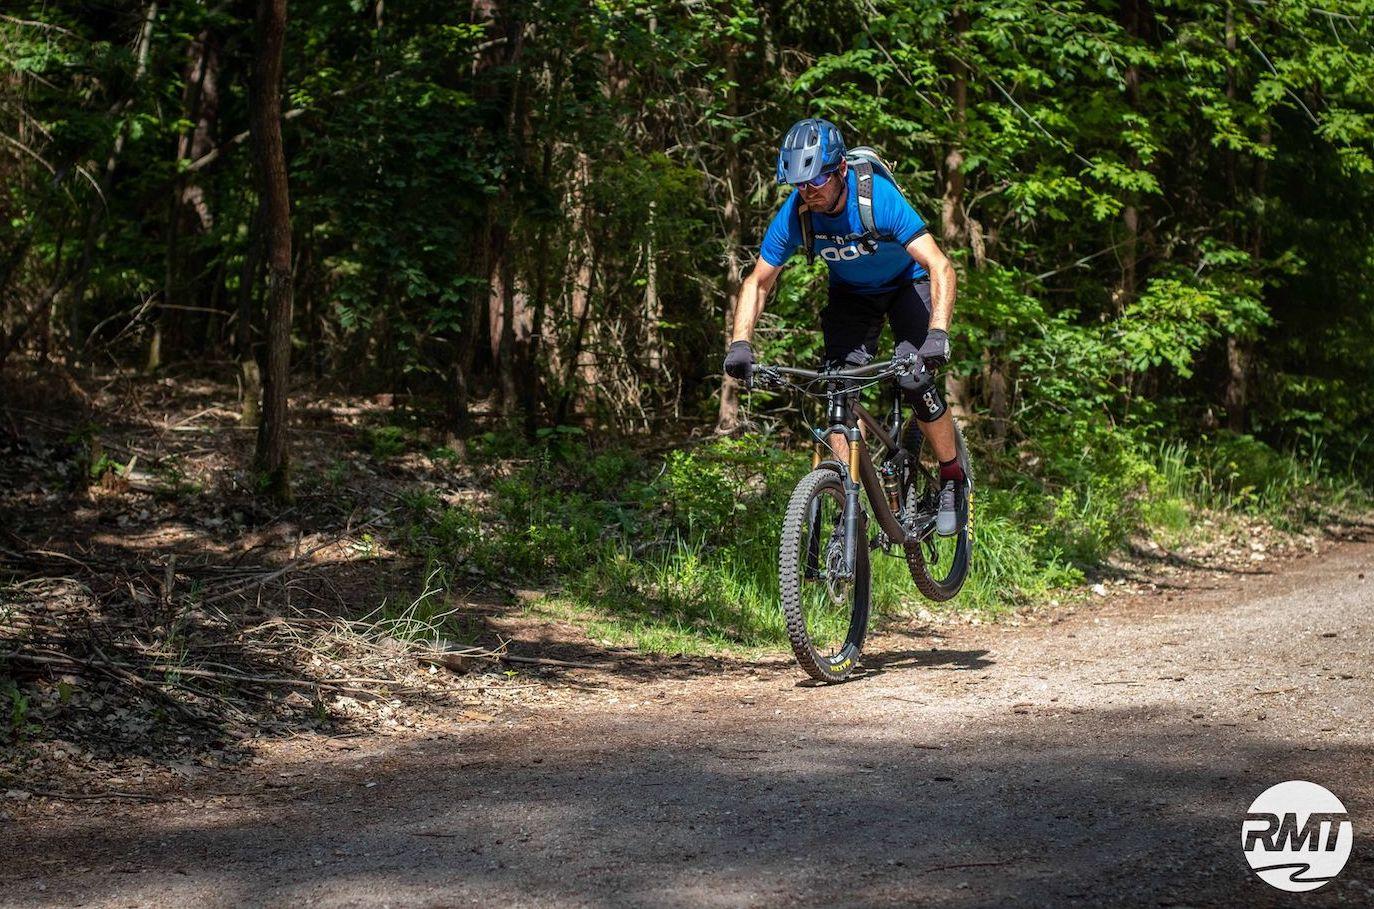 MTB Fahrtechnik Kurs Fortgeschrittene in Moers - Mountainbike Fortgeschritten - Rock my Trail Bikeschule - 8